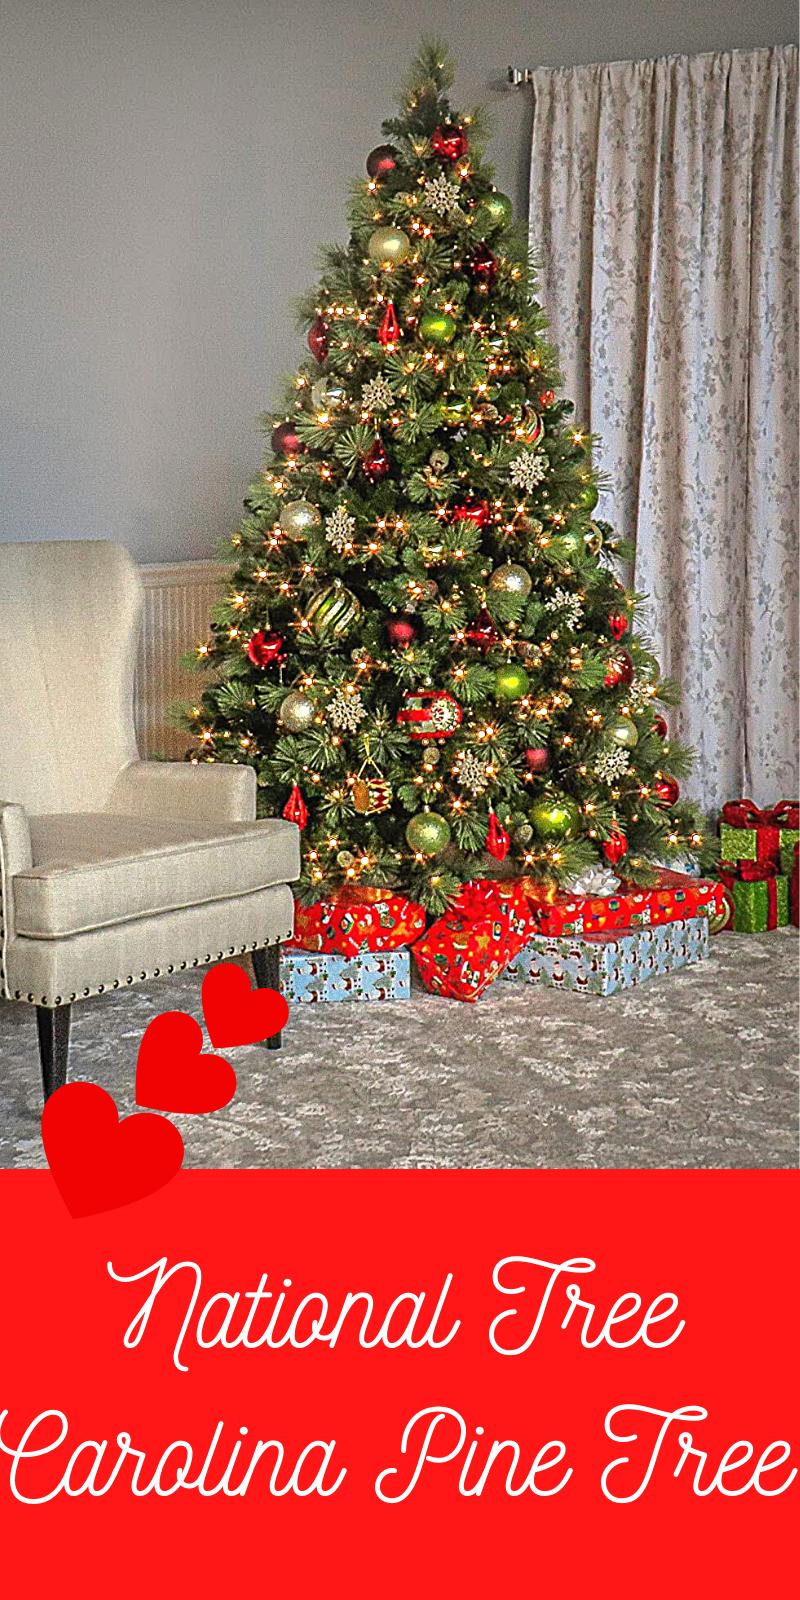 National Tree Carolina Pine Tree Christmas Tree Ideas 2020 Christmas Tree Decorations Tree Christmas Tree